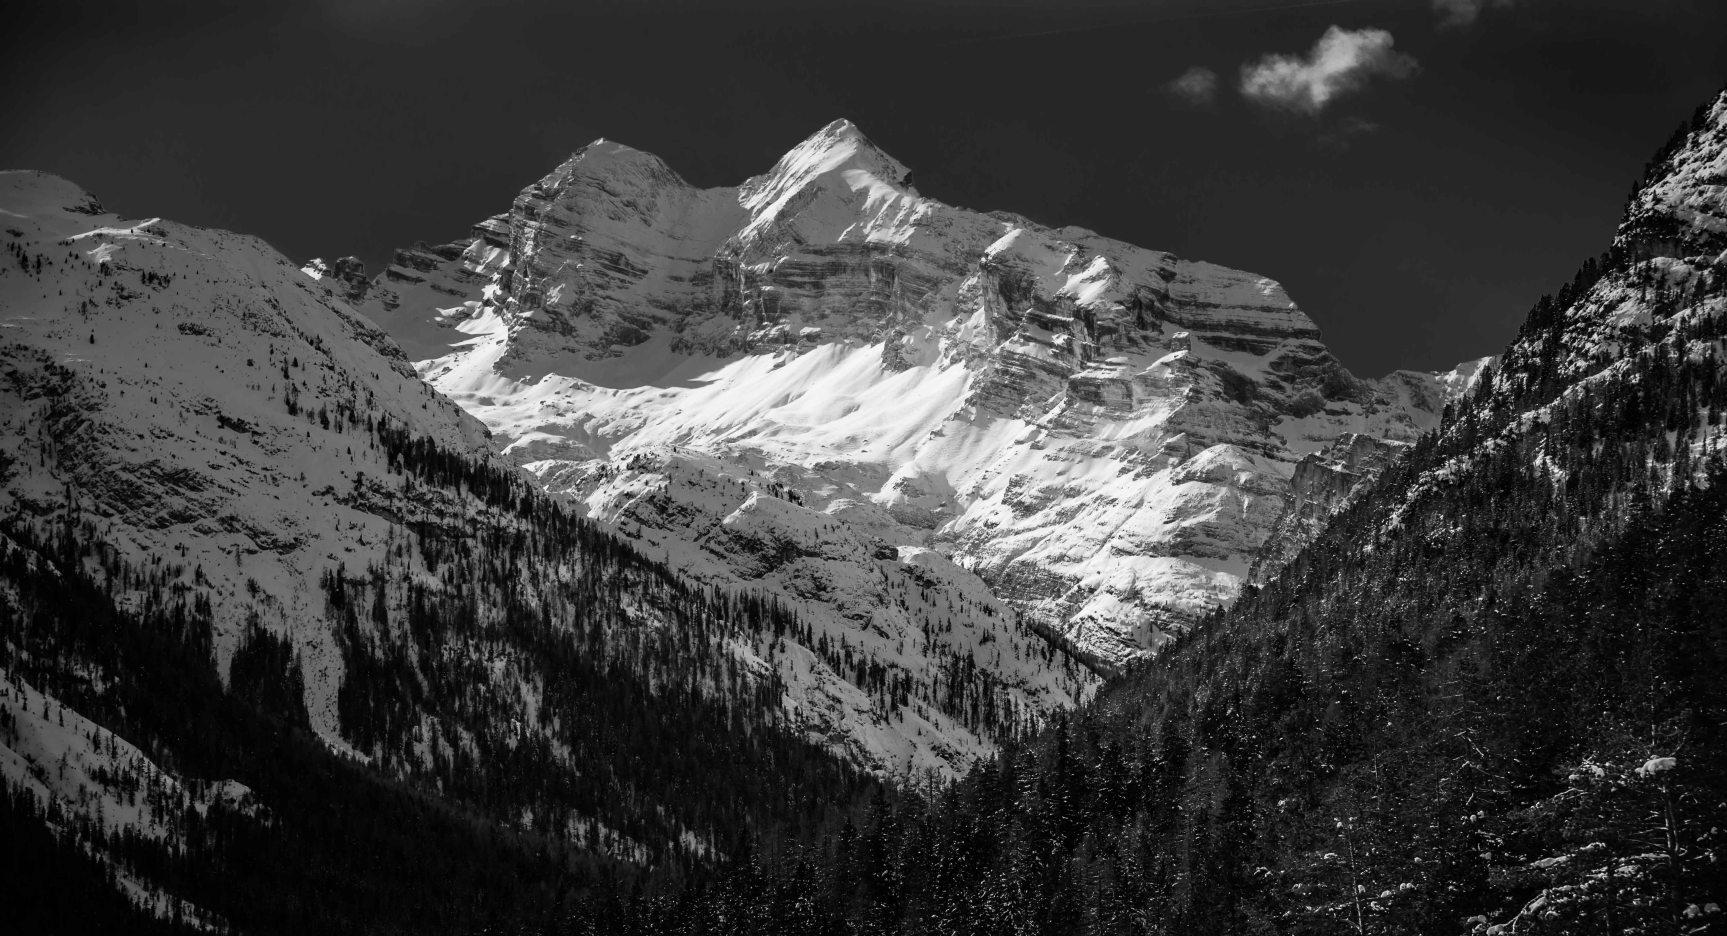 Vista delle Tofane in bianco e nero da Cimabanche.